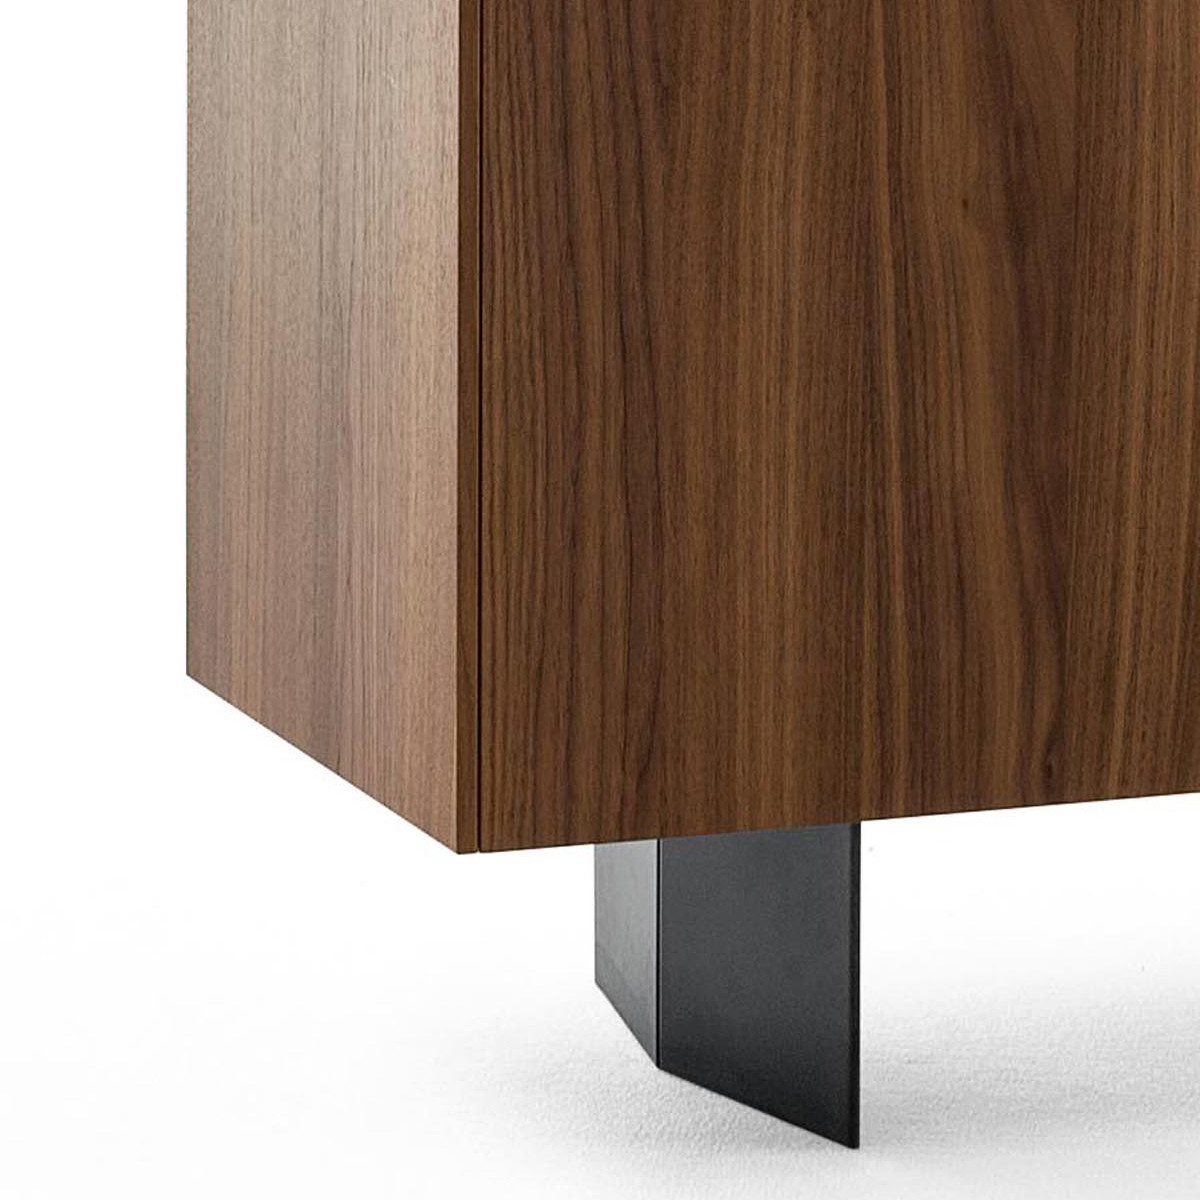 bonaldo outline sideboard 240 cm standf e casa de. Black Bedroom Furniture Sets. Home Design Ideas